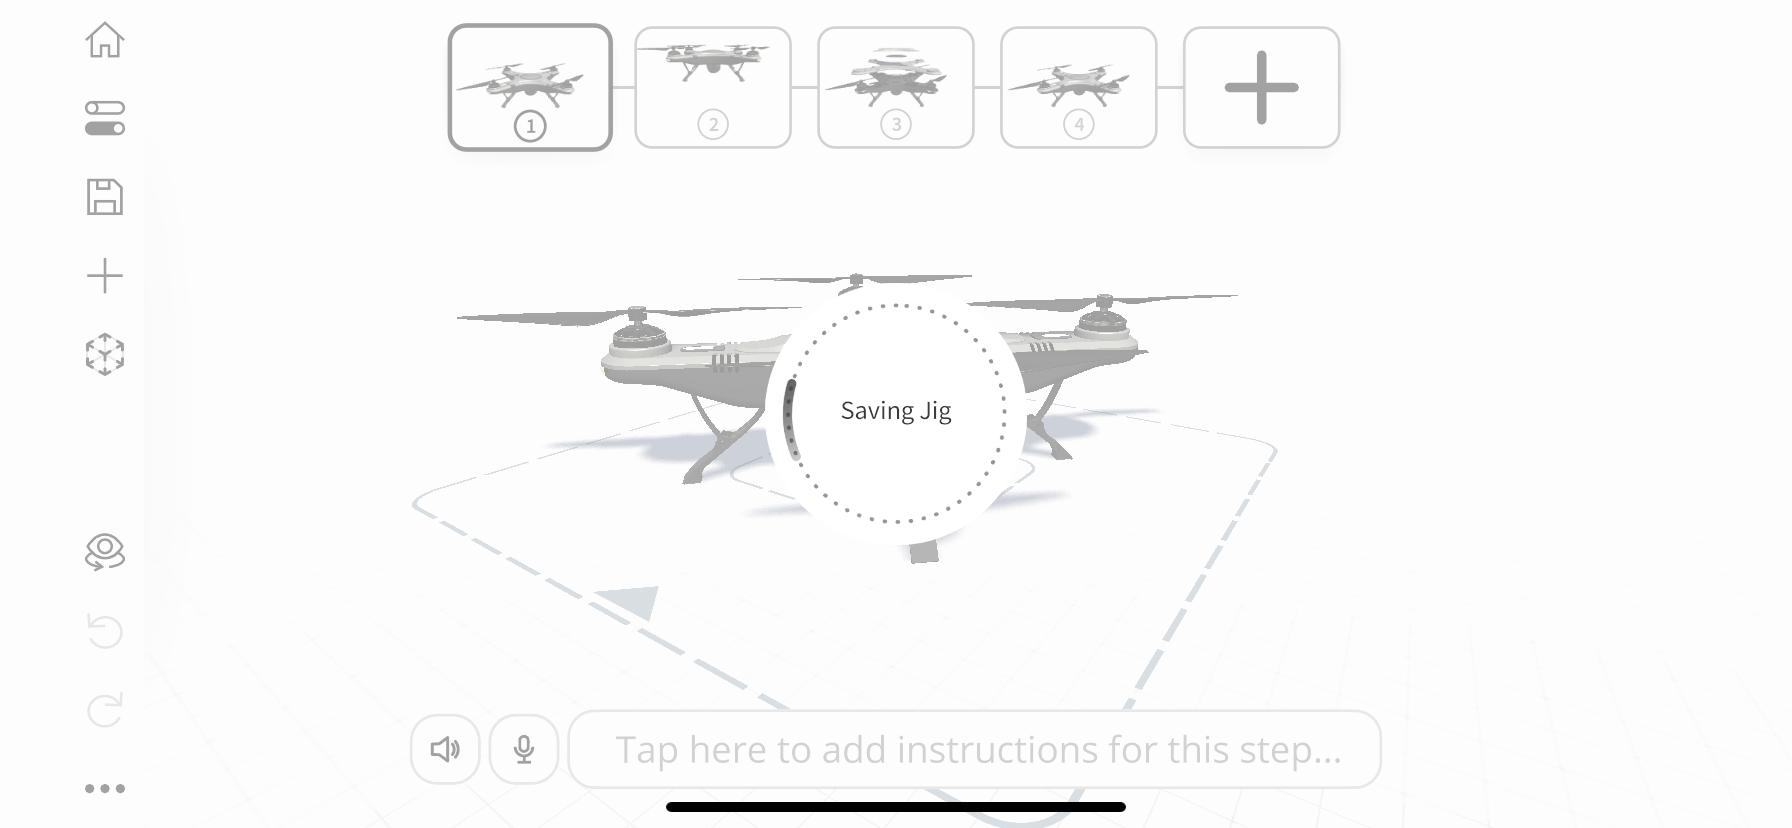 Saving Jig loading indicator